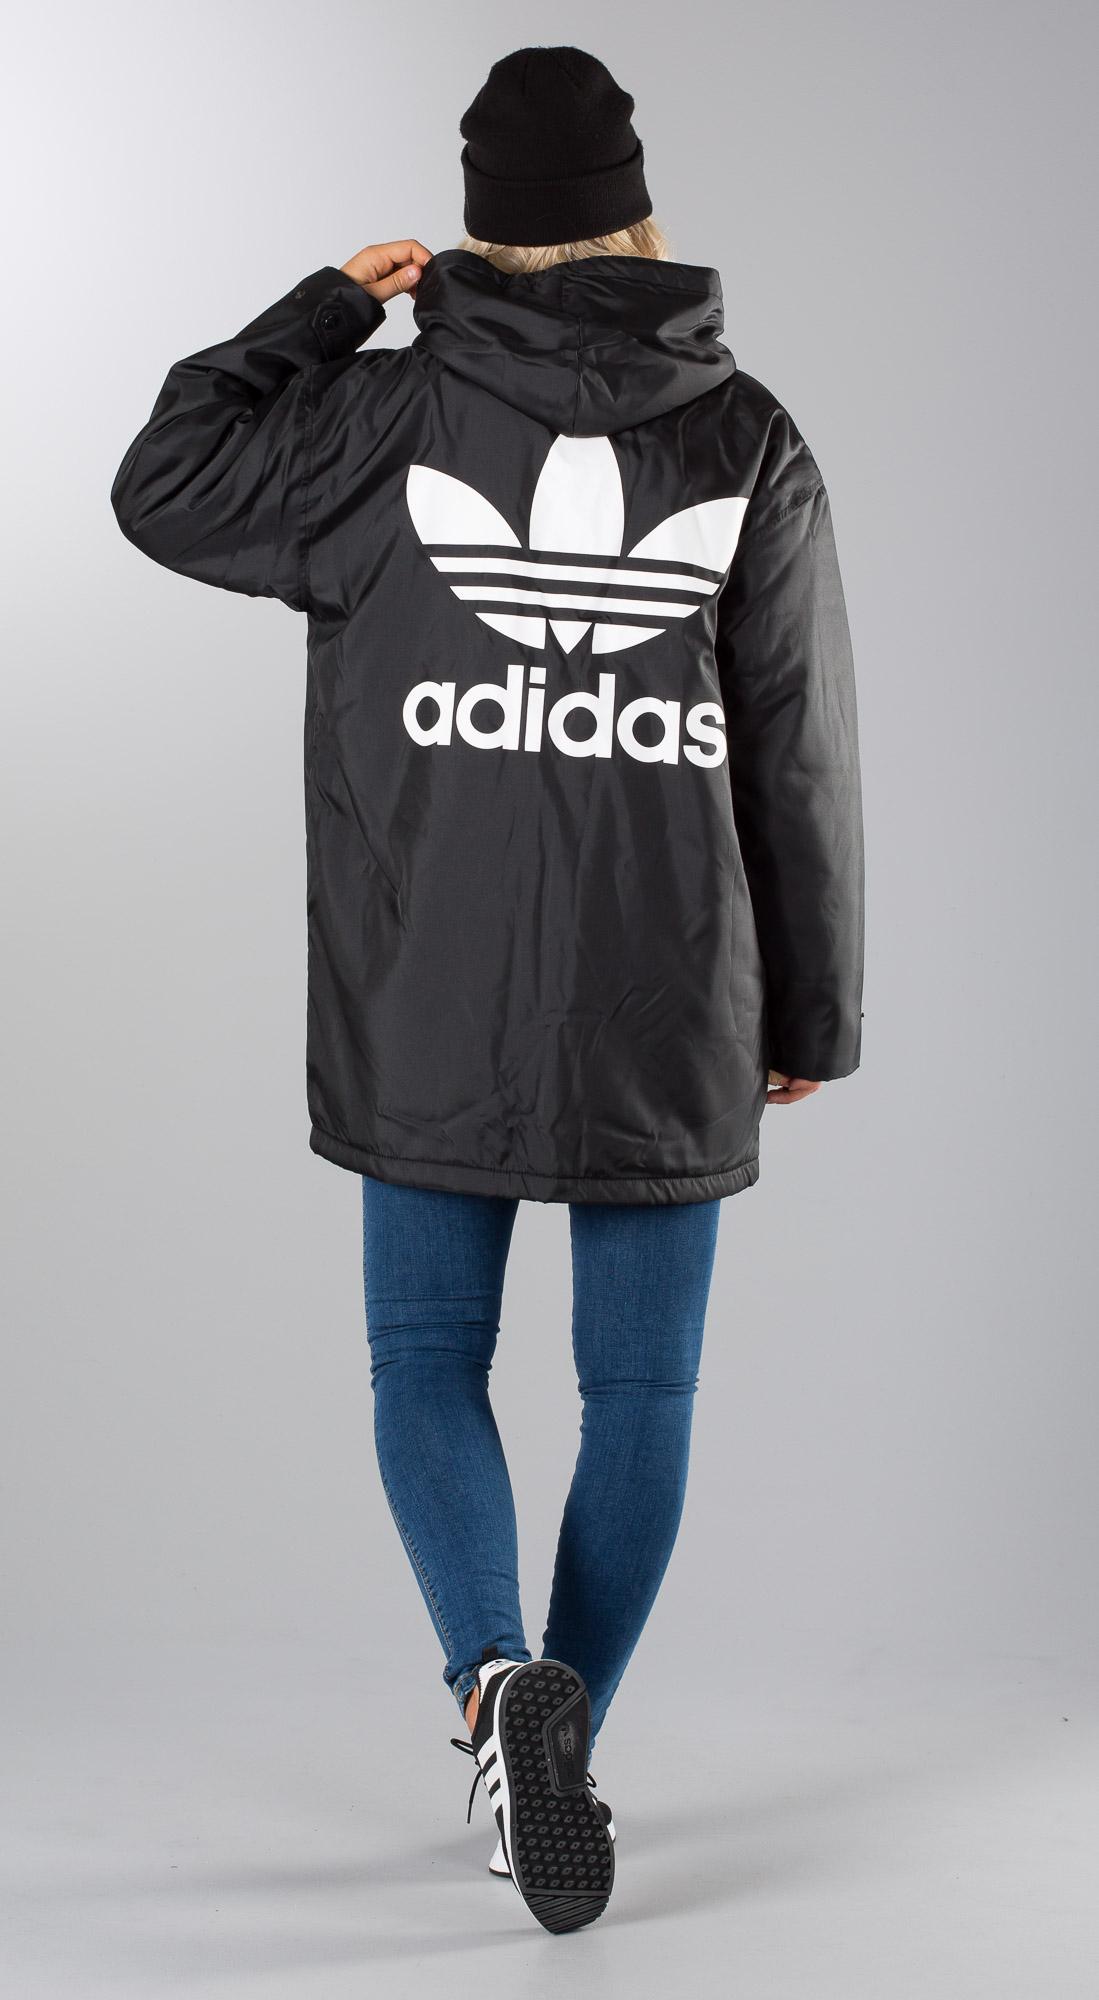 Adidas Originals Adicolor Jacket Black Outfit Ridestore